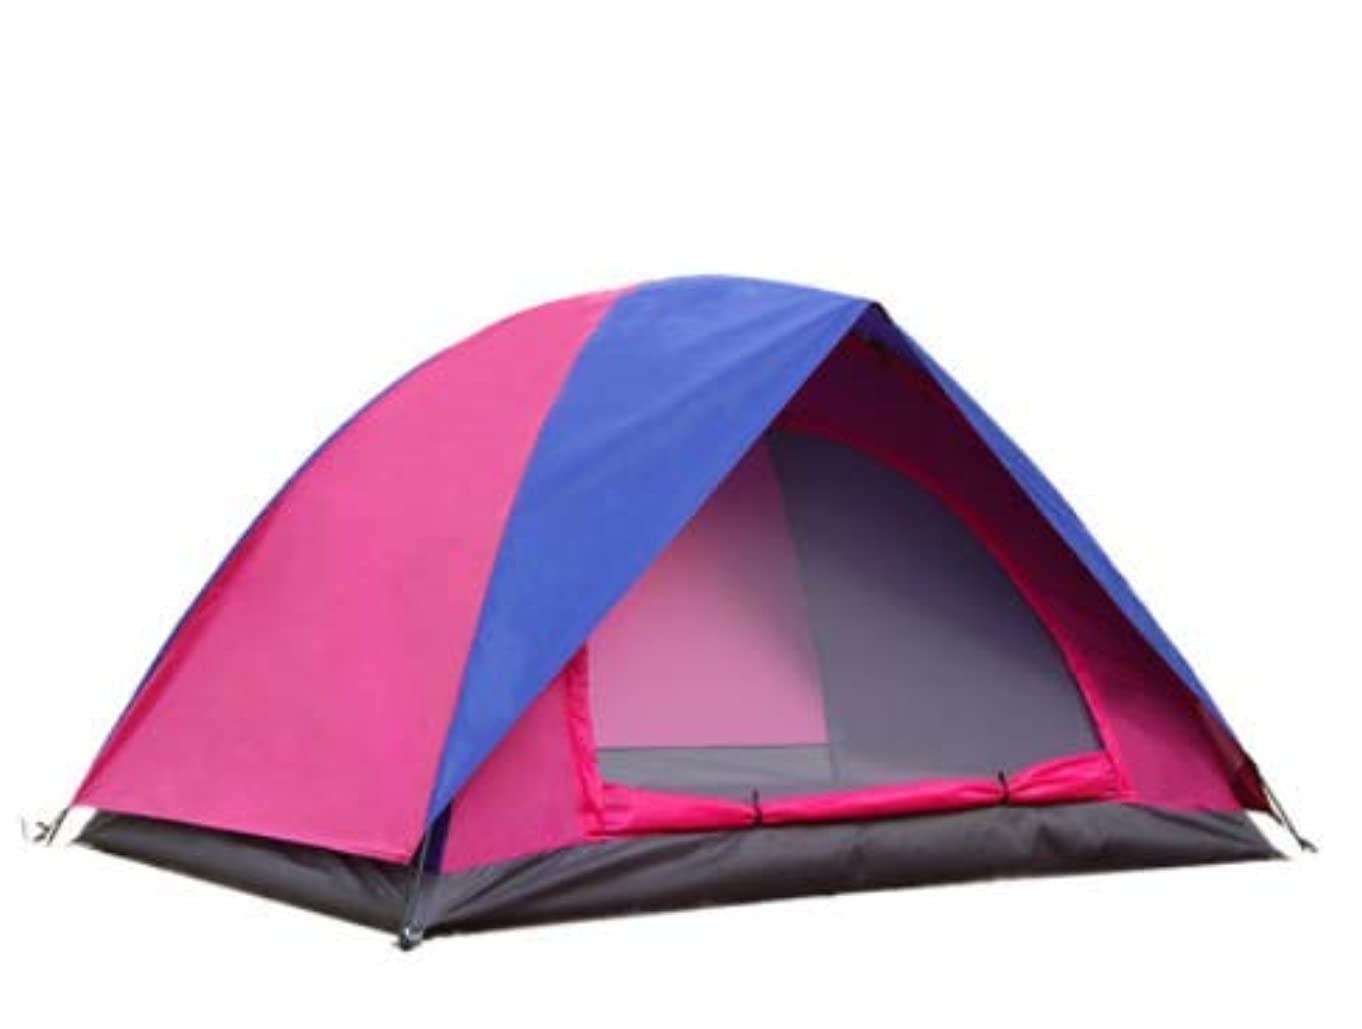 威信変換する描くHkkint ダブルテント屋外キャンプビーチテント200 * 150 * 110センチキャンプ用品家族キャンプ防水と防風日焼け止め防水1200ミリメートル